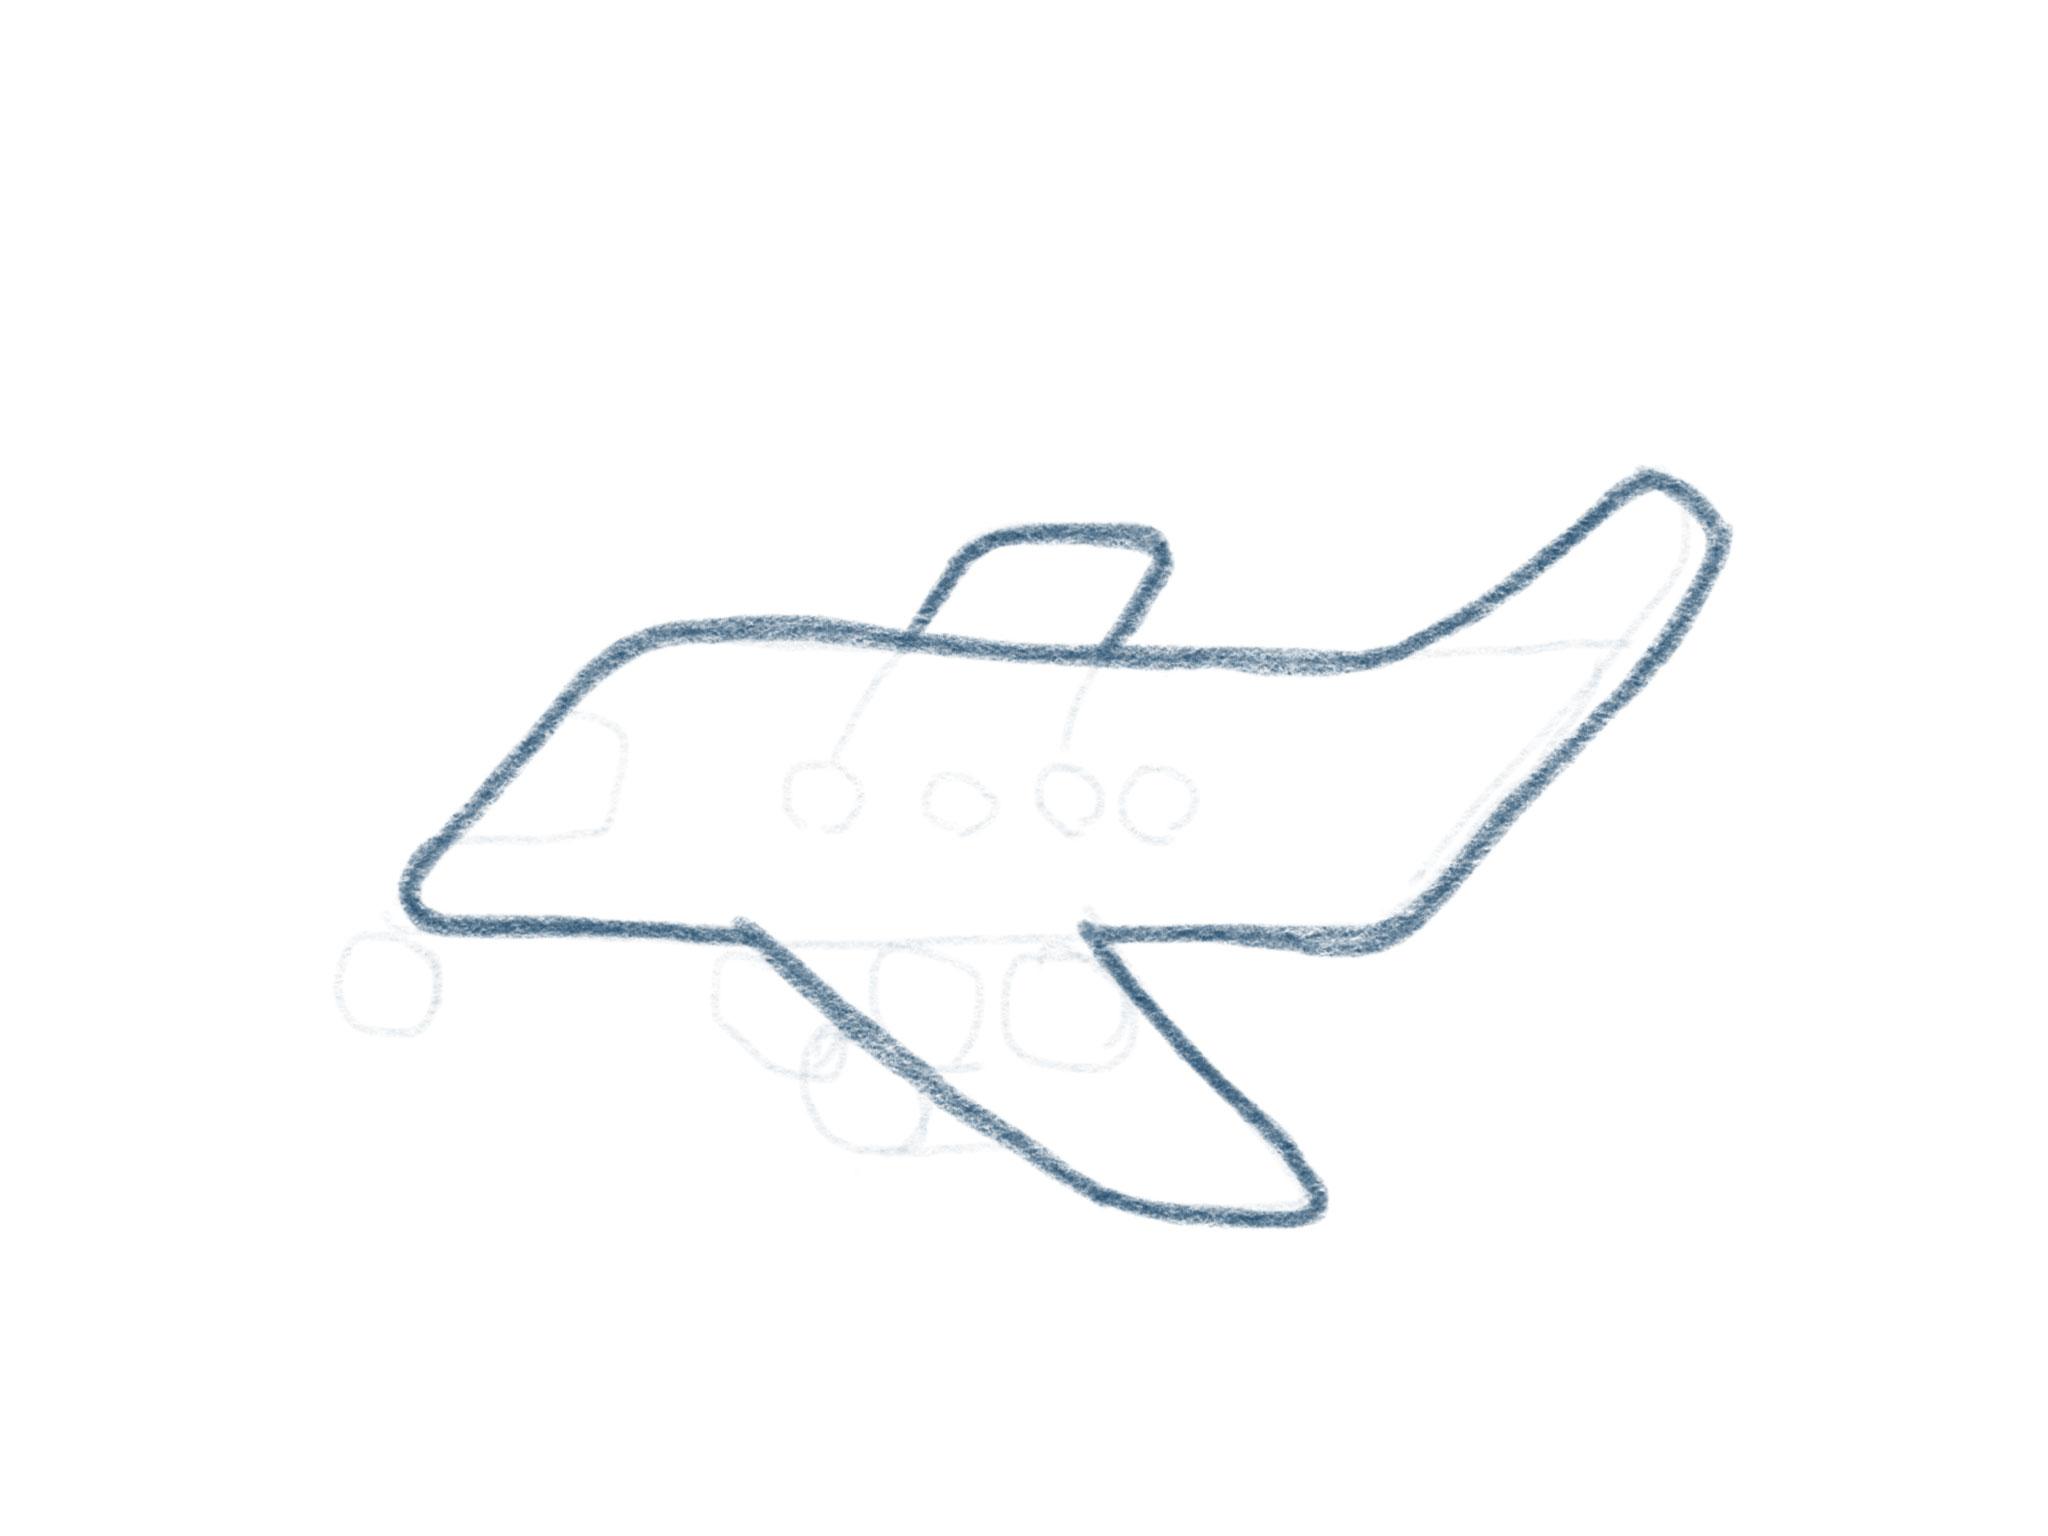 Flugzeug Zeichnen Kontur